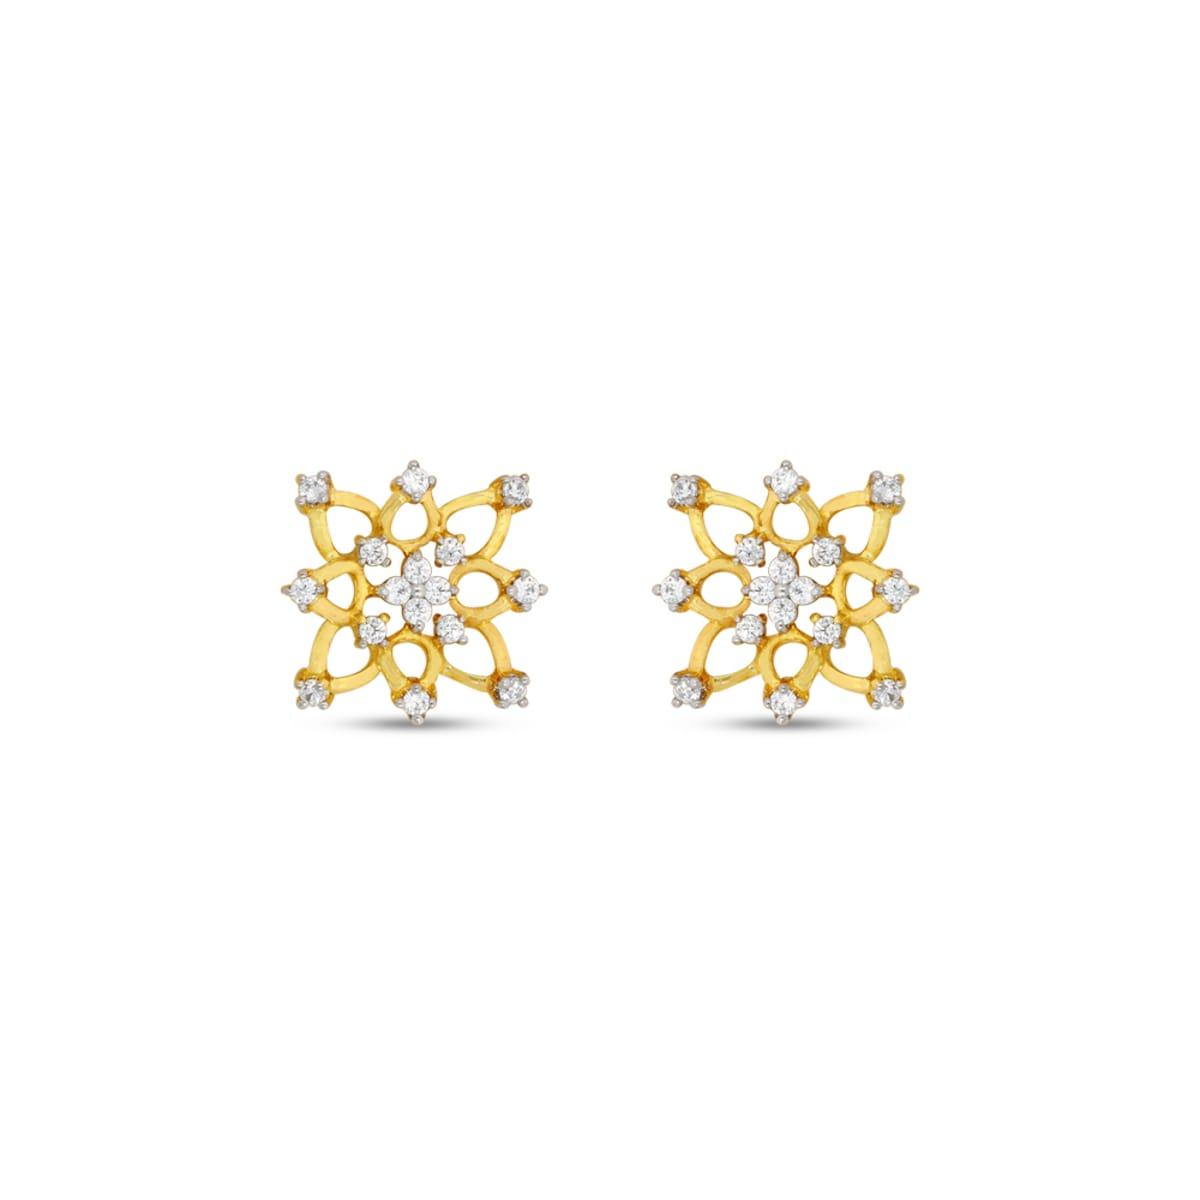 Real Diamond Stud Earring 14